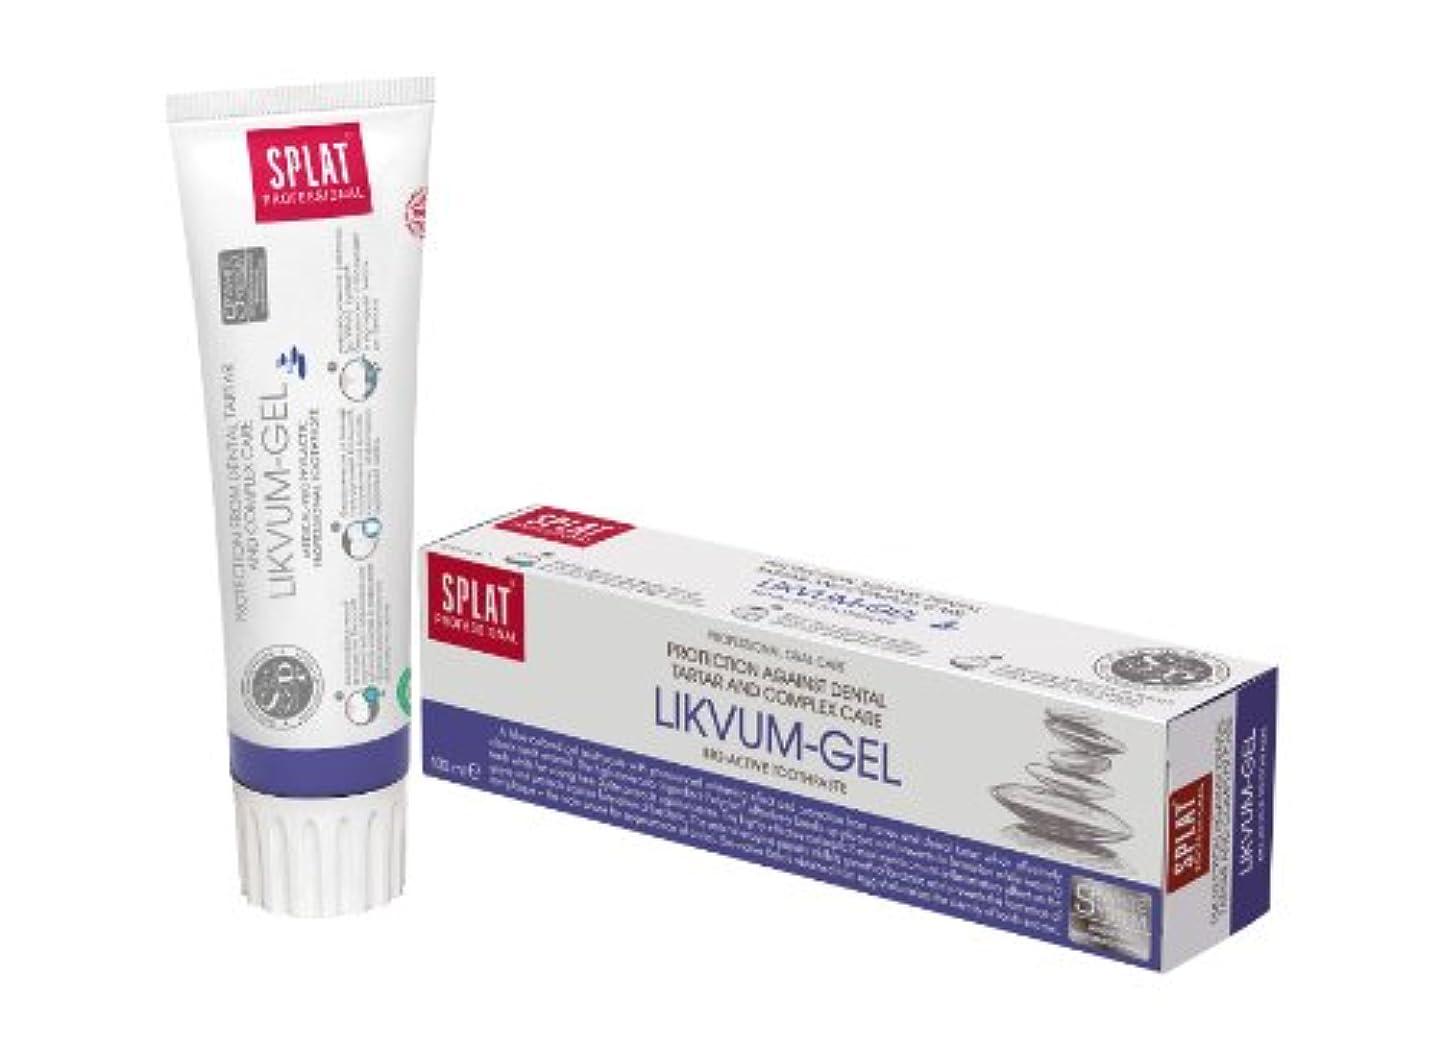 文明手数料カストディアンToothpaste Splat Professional 100ml (Likvum-gel)